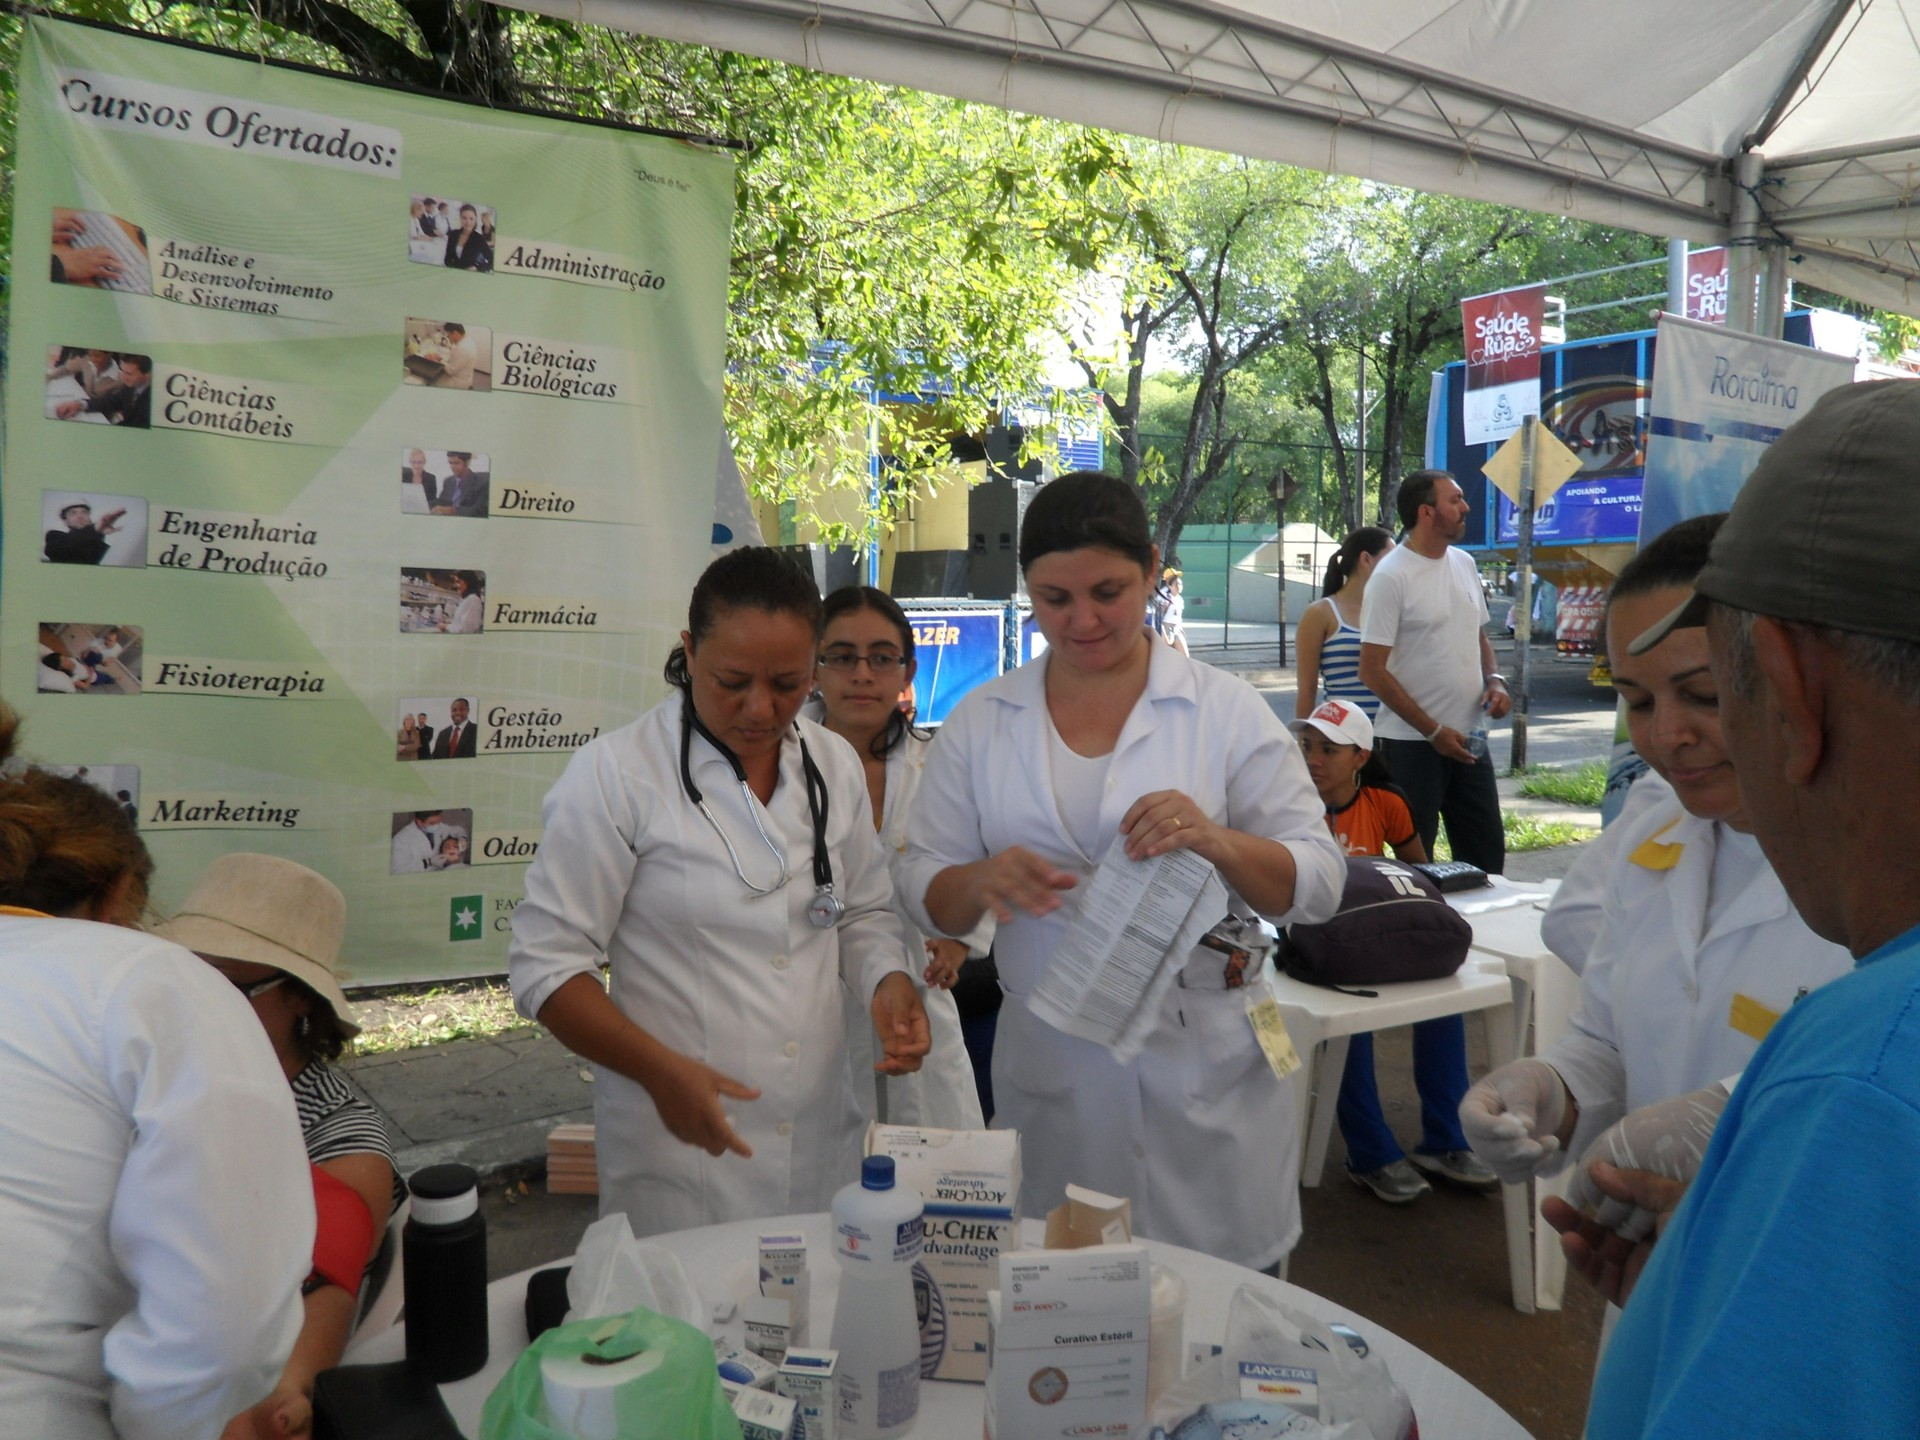 Saúde de Rua será no sábado (27), em frente a Tv Roraima, a partir das 13h (Foto: TV Roraima/ Divulgação)